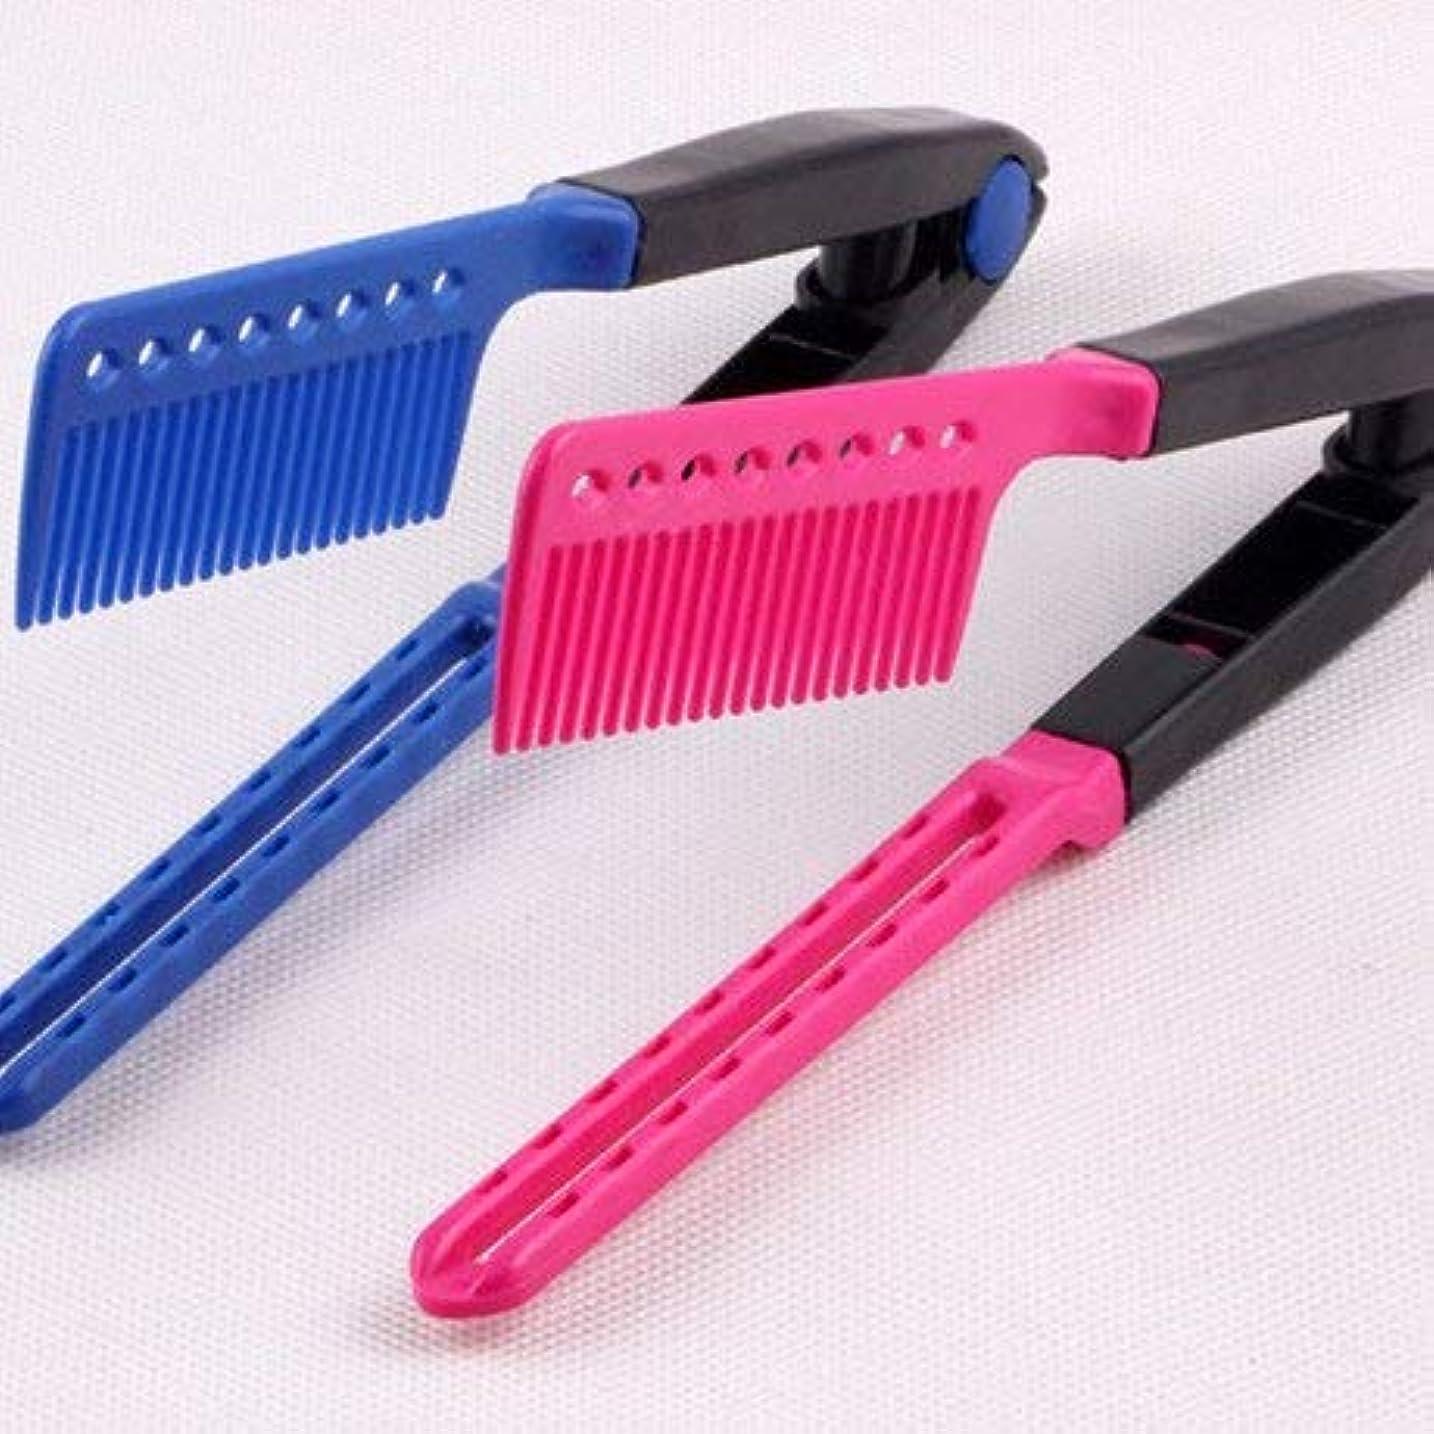 残忍な上院視線Hair Straightening Comb, Haircut Anti-static V Shape Comb Clip Clamp Hairdressing Styling Tools(Rose_Red) [並行輸入品]